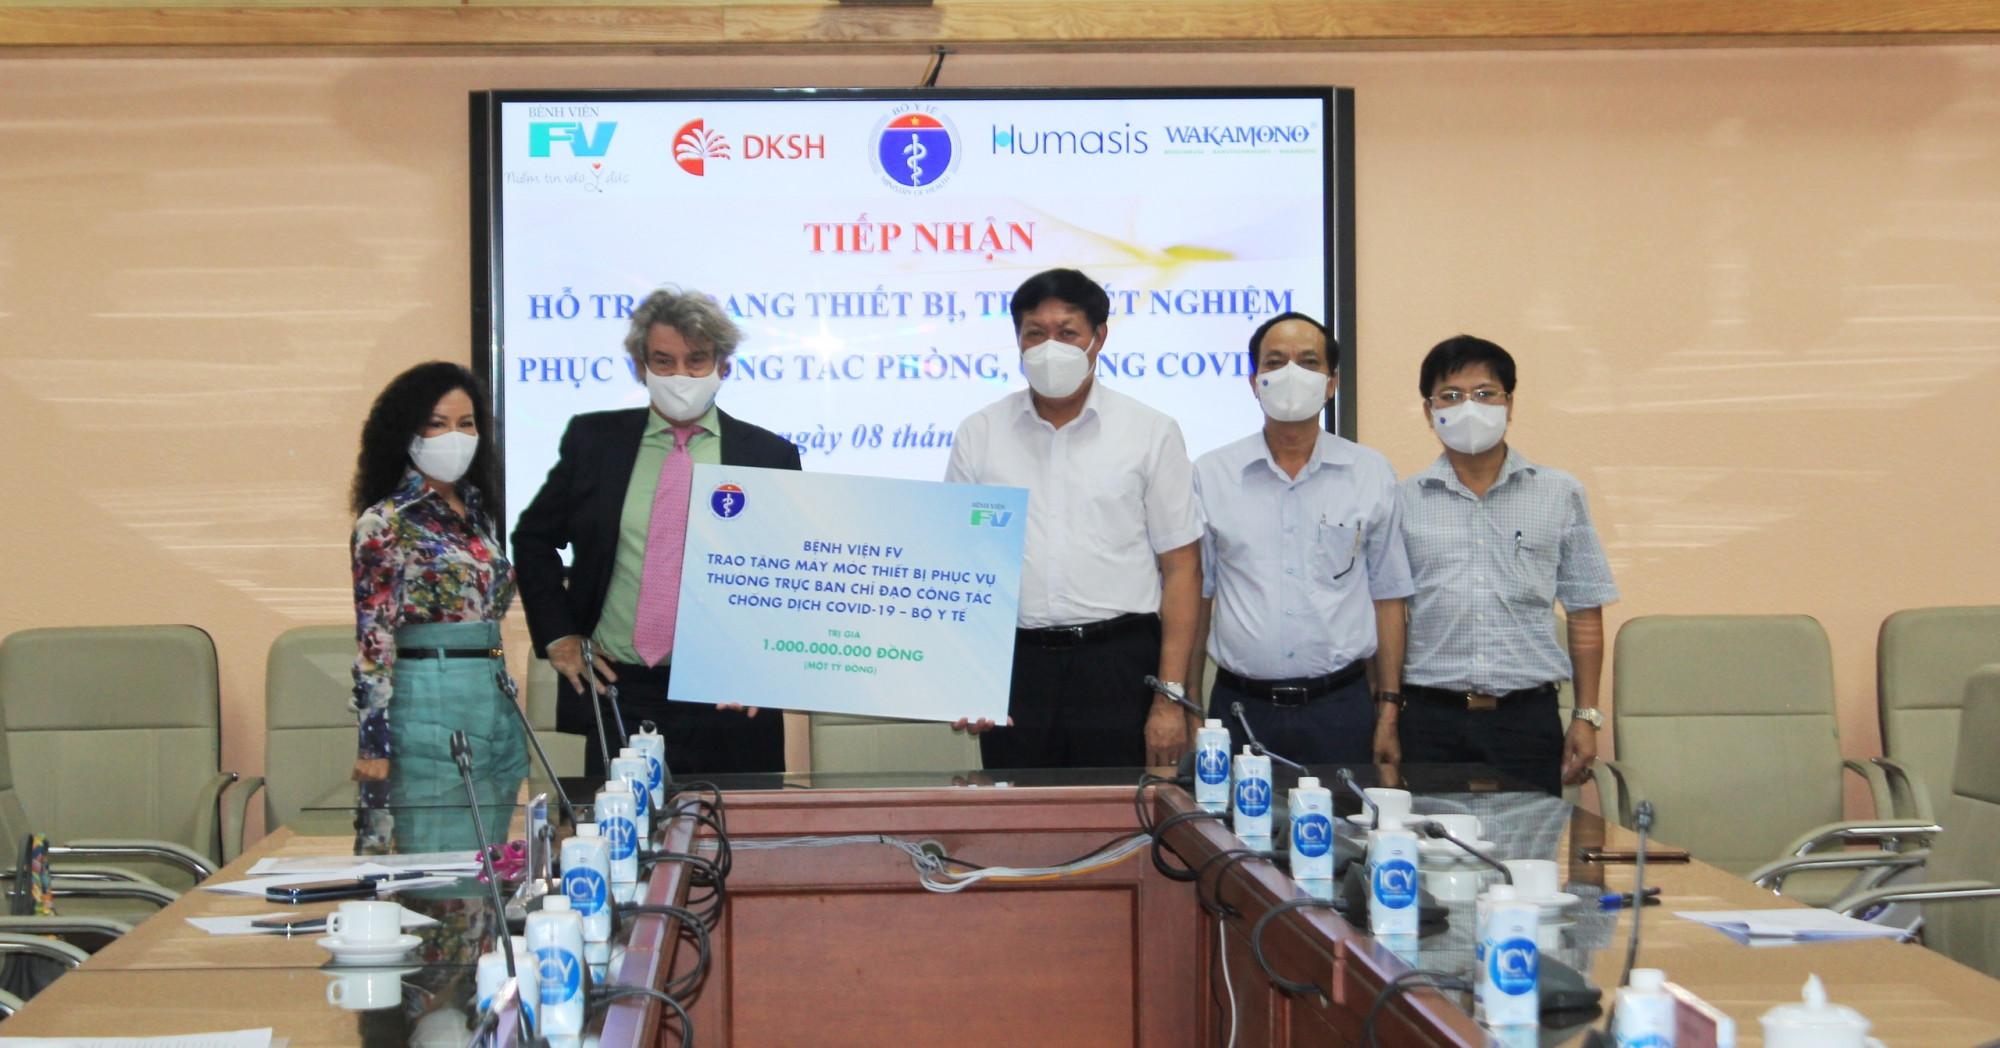 Đại diện Thường trực Ban chỉ đạo công tác chống dịch COVID-19 tiếp nhận biểu trưng hỗ trợ trang thiết bị trị giá 1 tỷ đồng từ Bệnh viện FV. Ảnh: BVFV